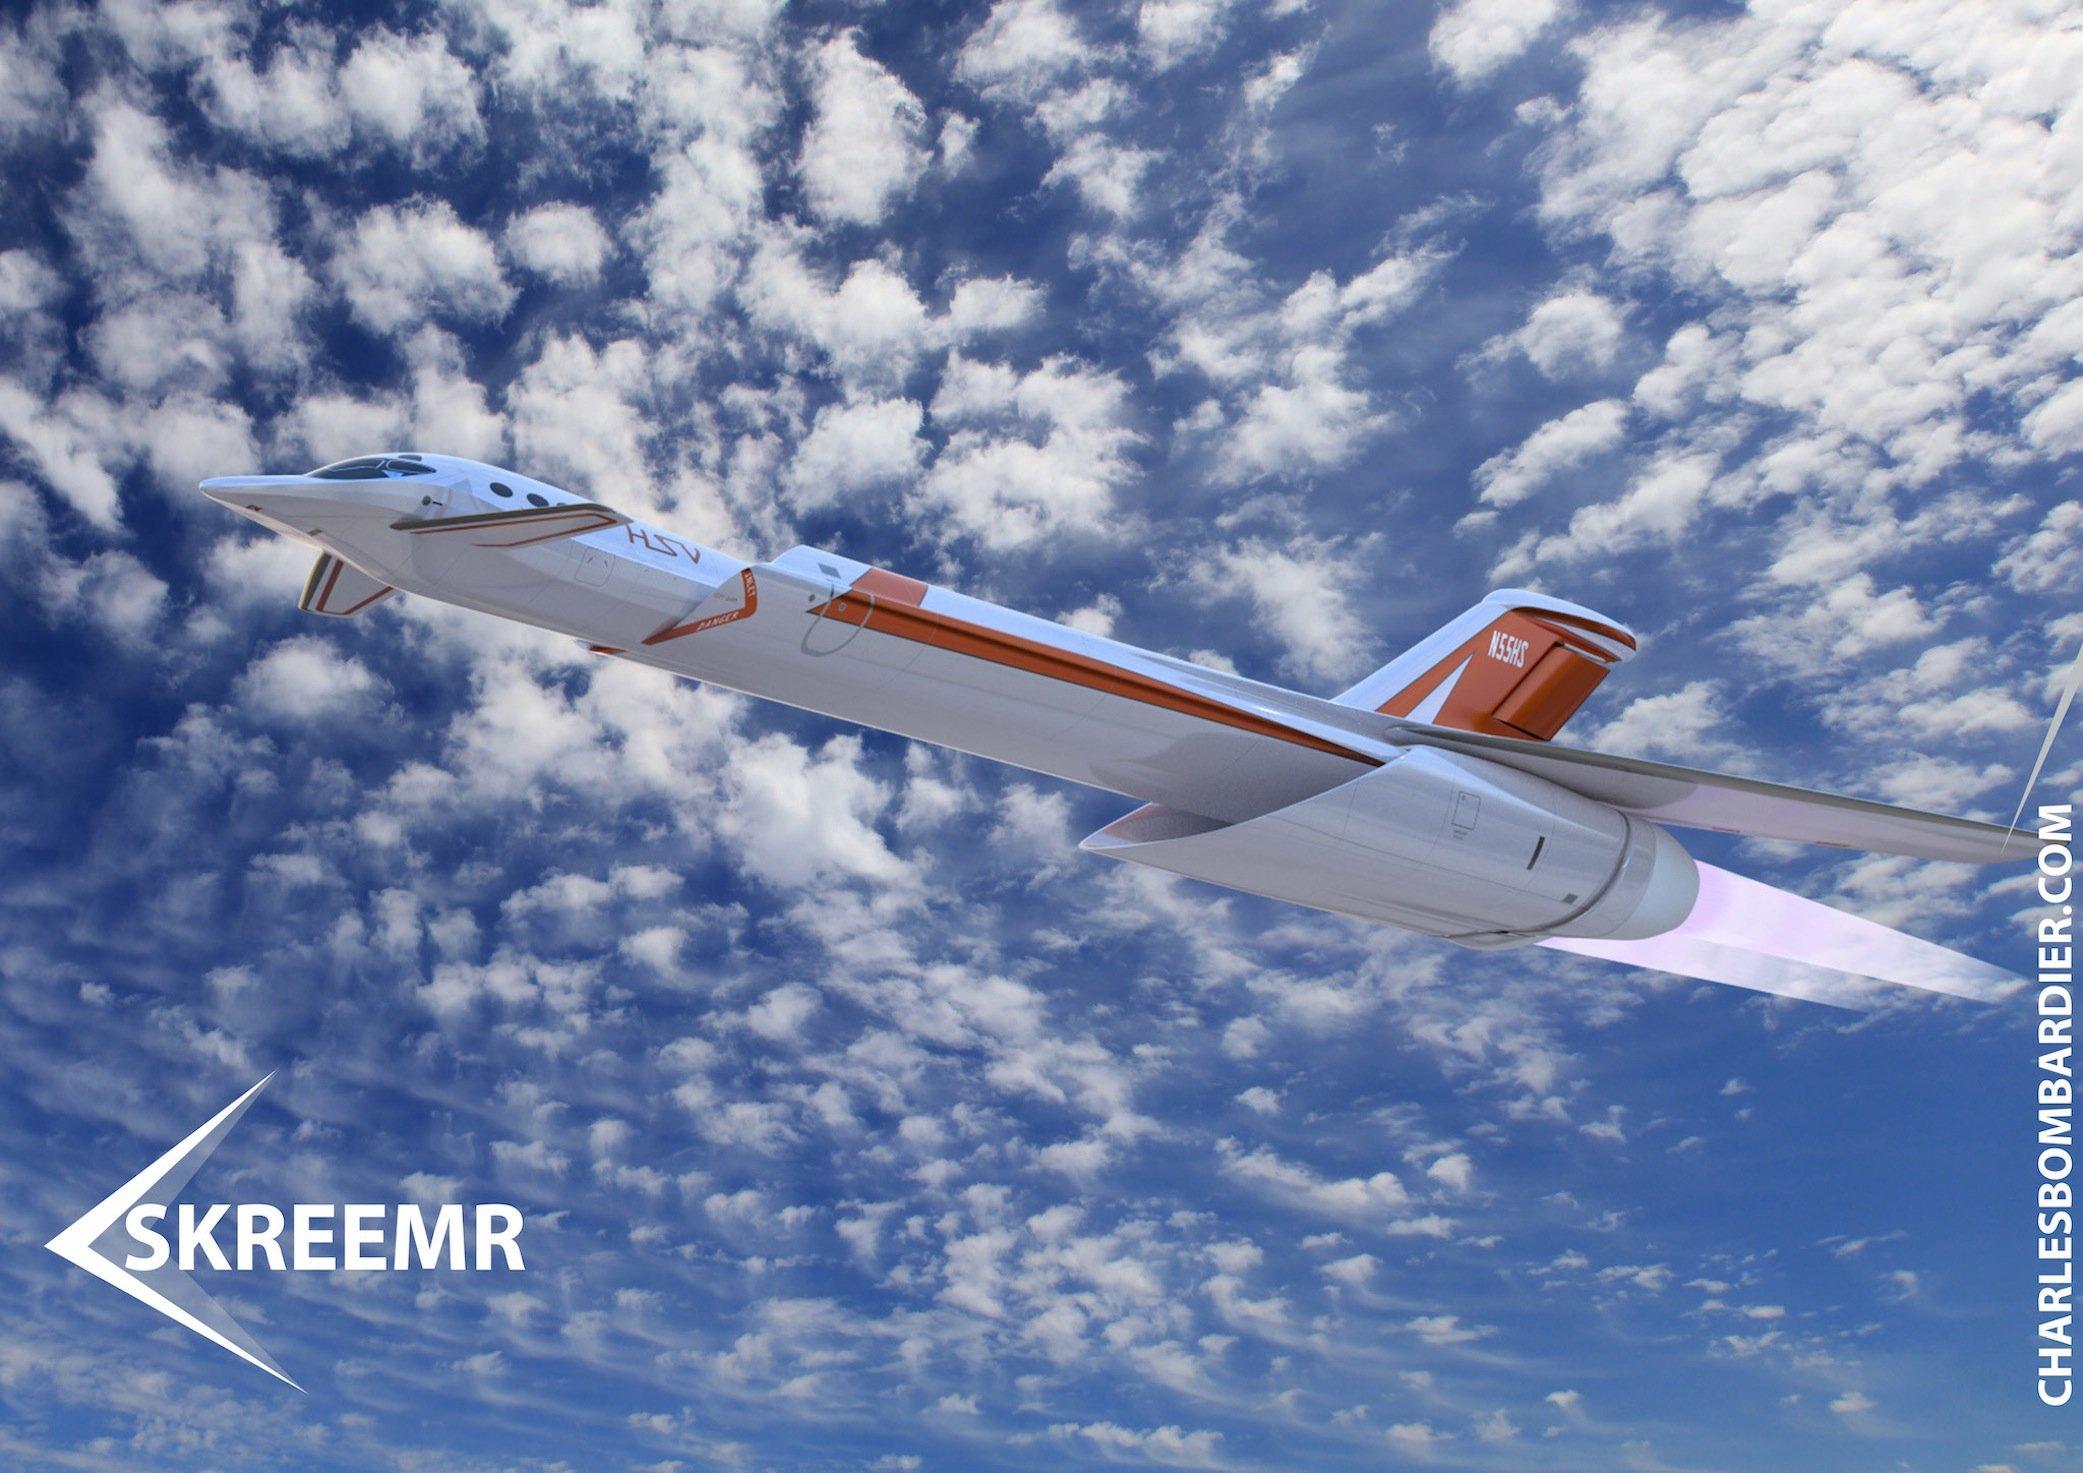 Das Überschallflugzeug Skreemr benötigt unglaublich viel Umgebungsluft, die in den Scramjet-Triebwerken stark verdichtet und ausgestoßen wird.